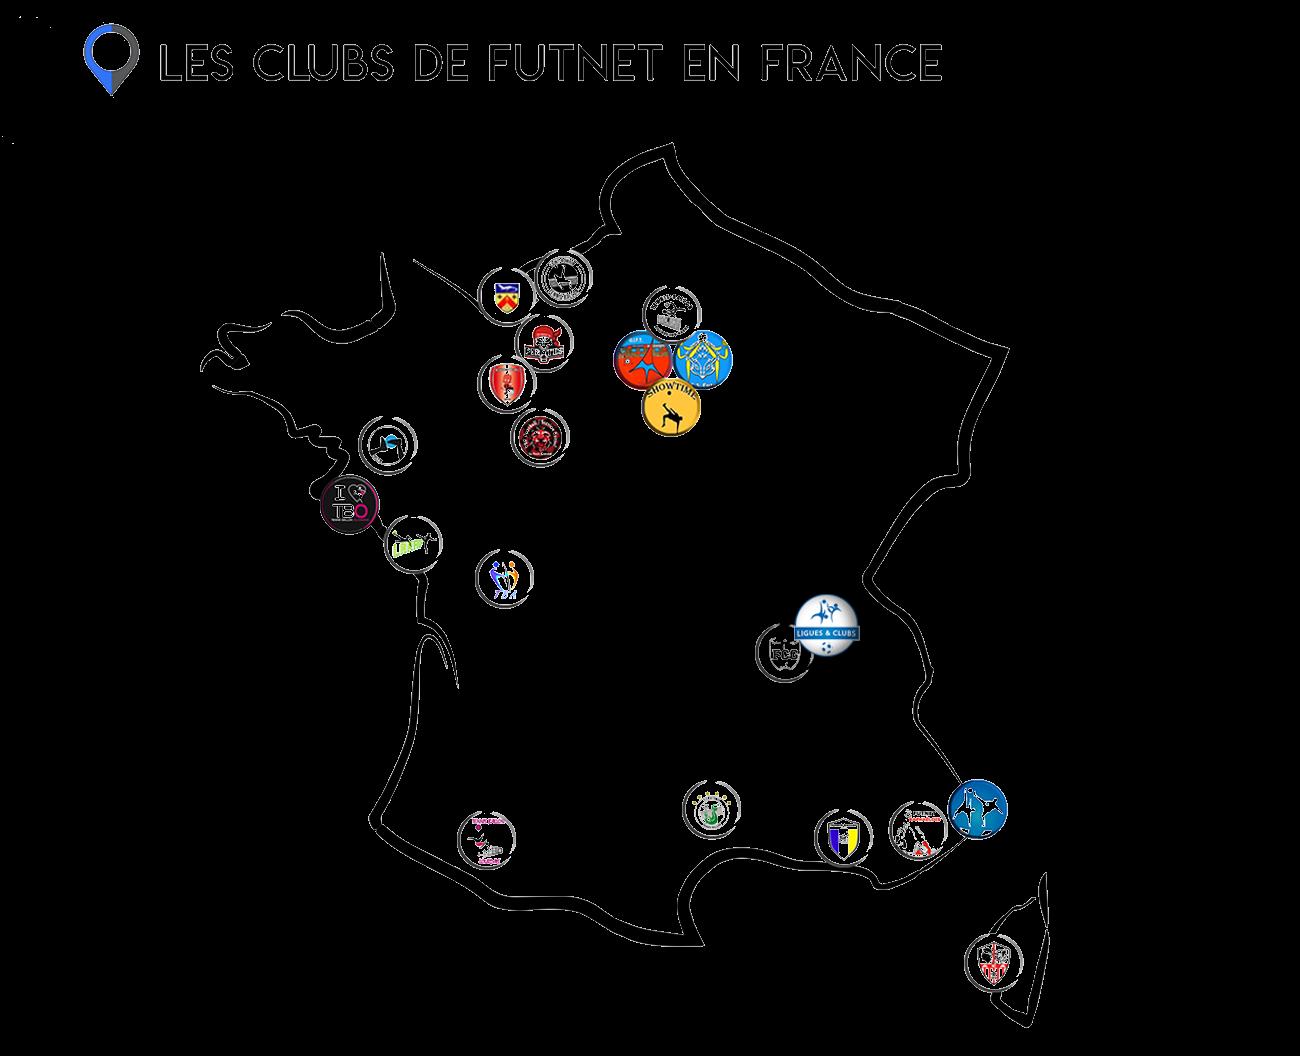 Cartographie des clubs